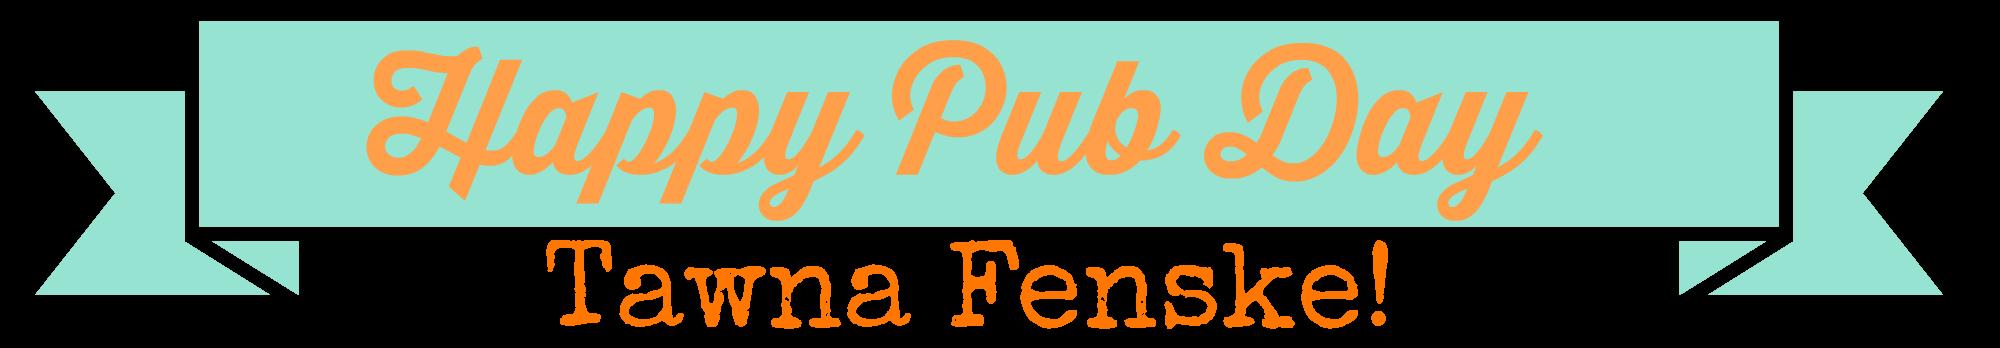 happy pub day tawma fenske